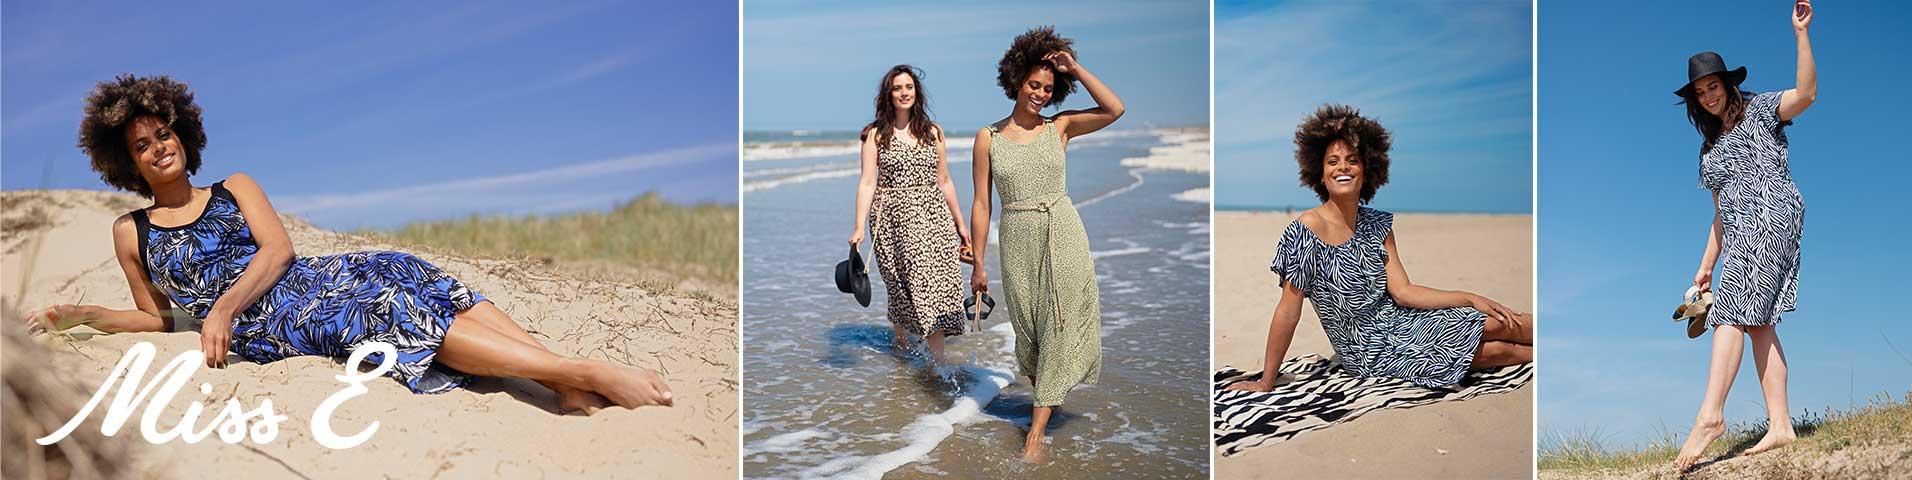 günstige miss e kleider im sale online kaufen | schone